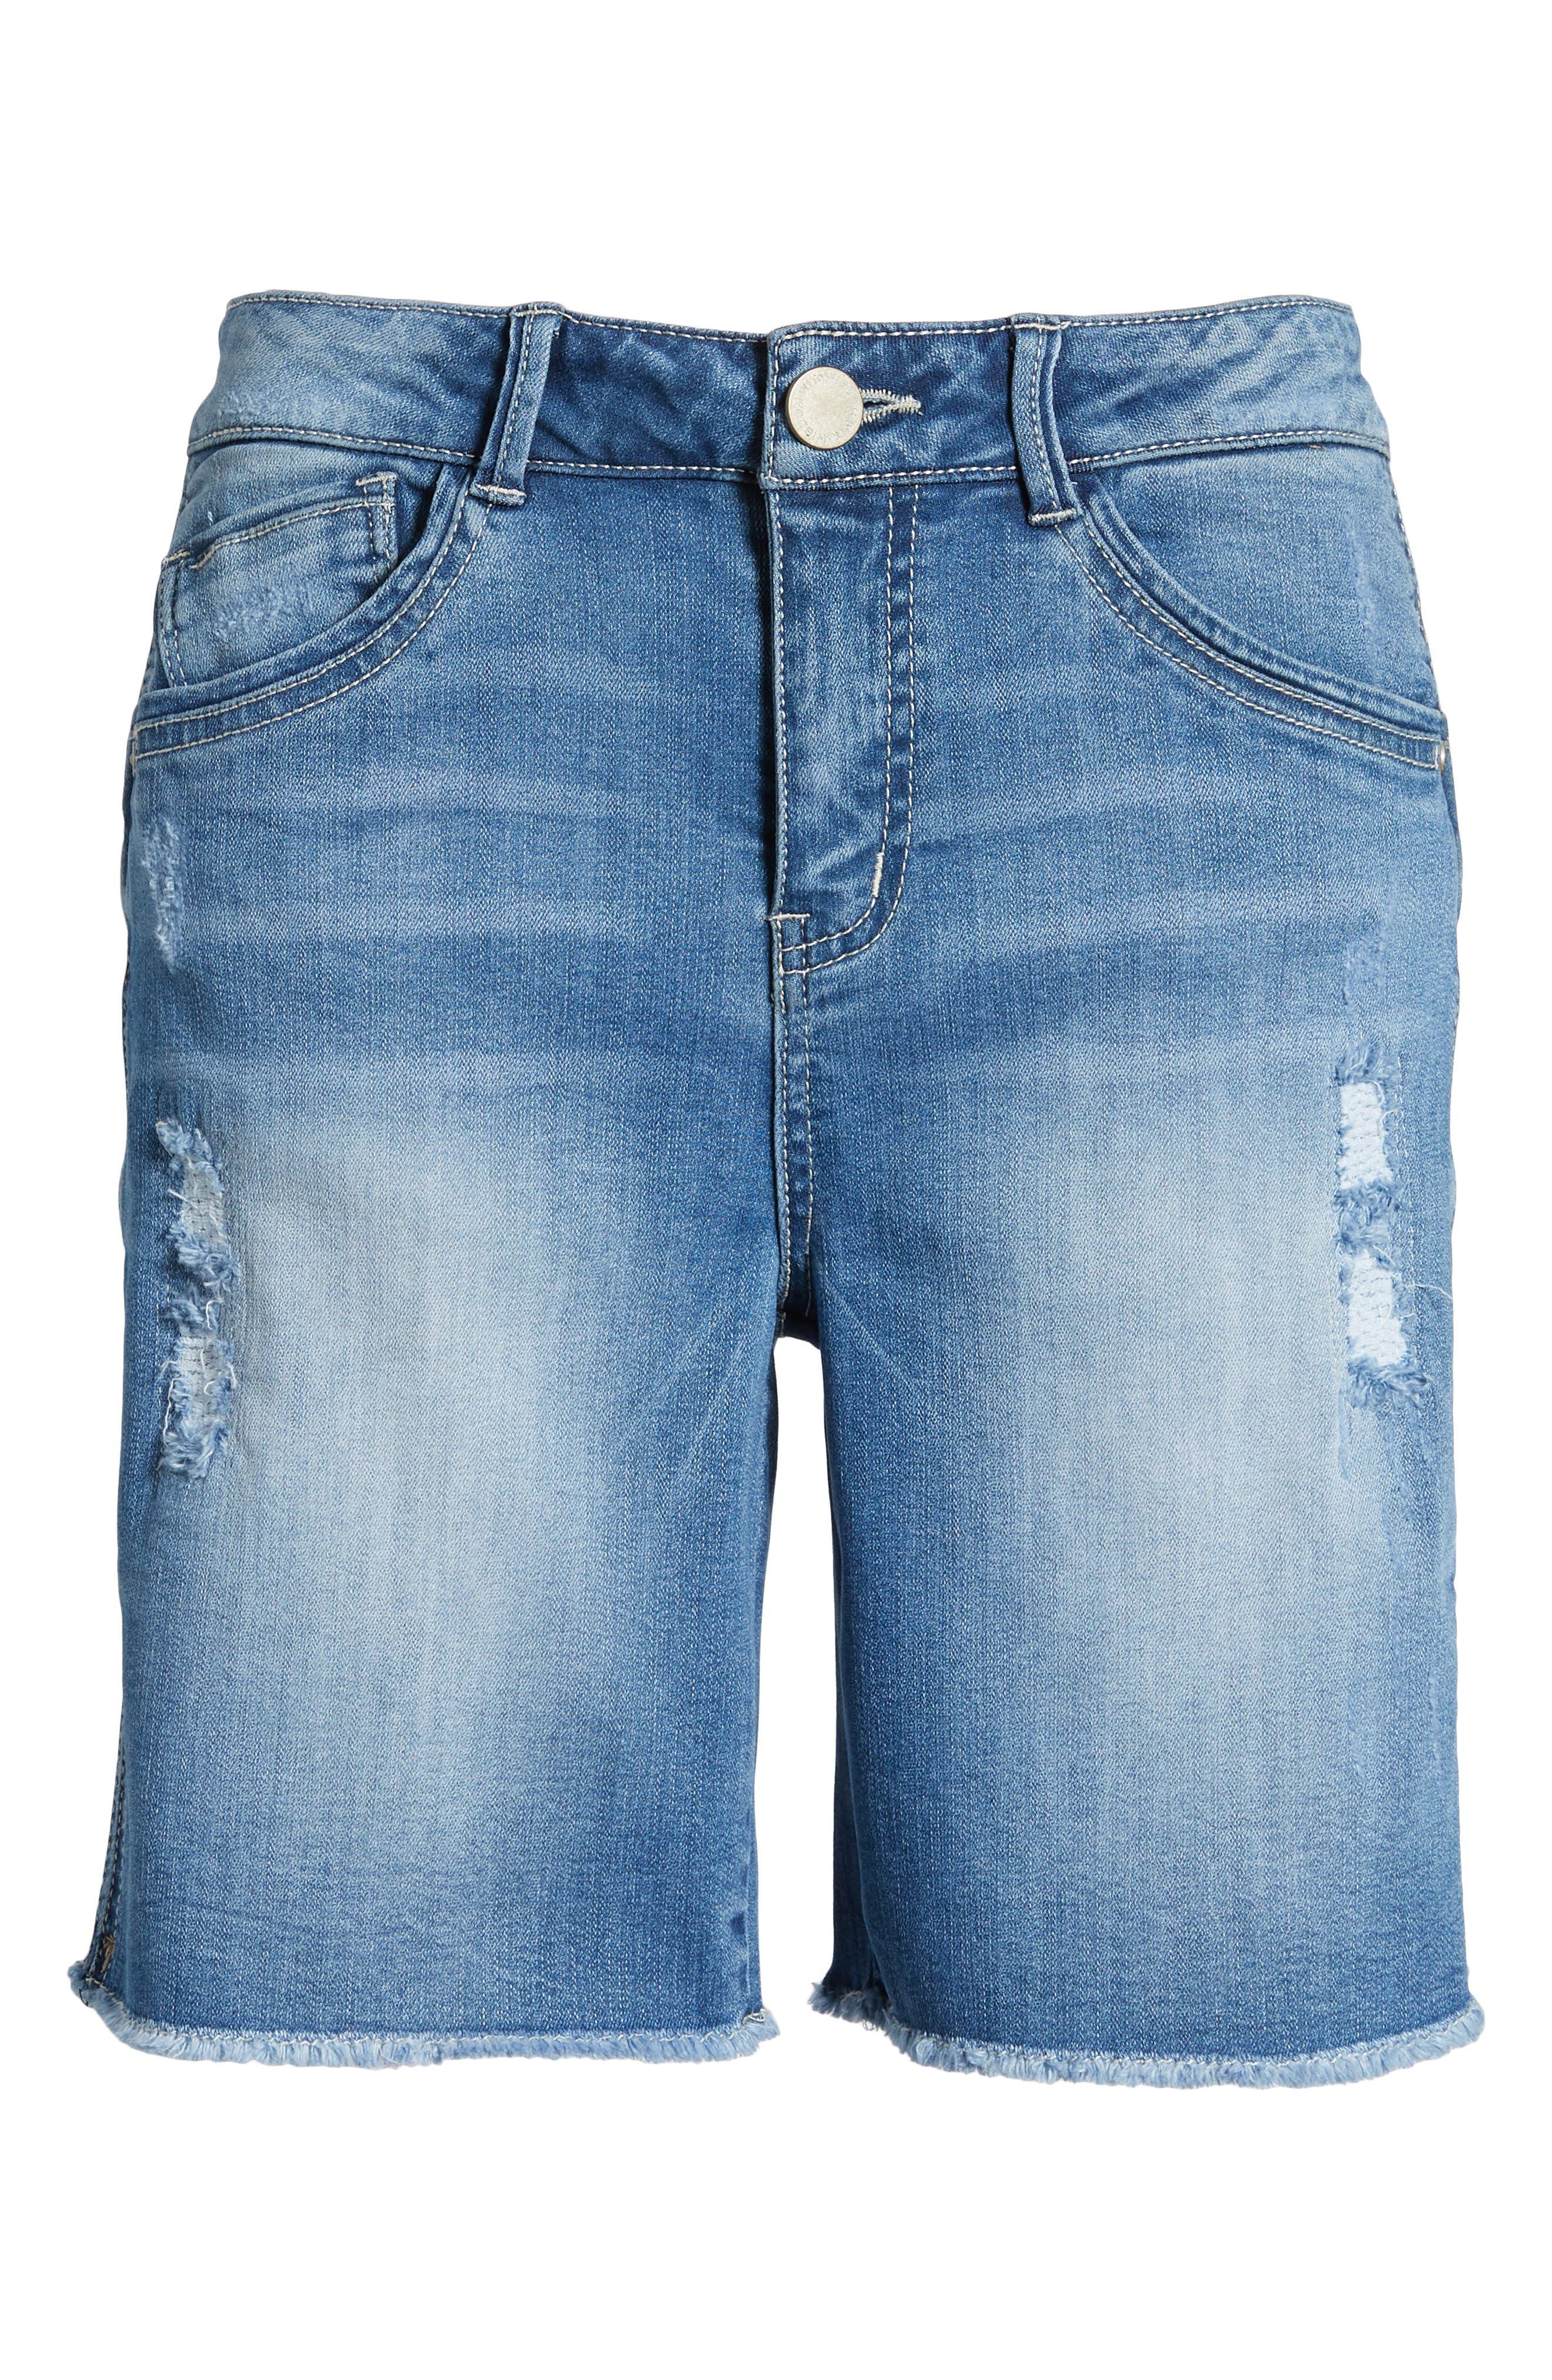 Flex-Ellent High Rise Denim Shorts,                             Alternate thumbnail 6, color,                             458